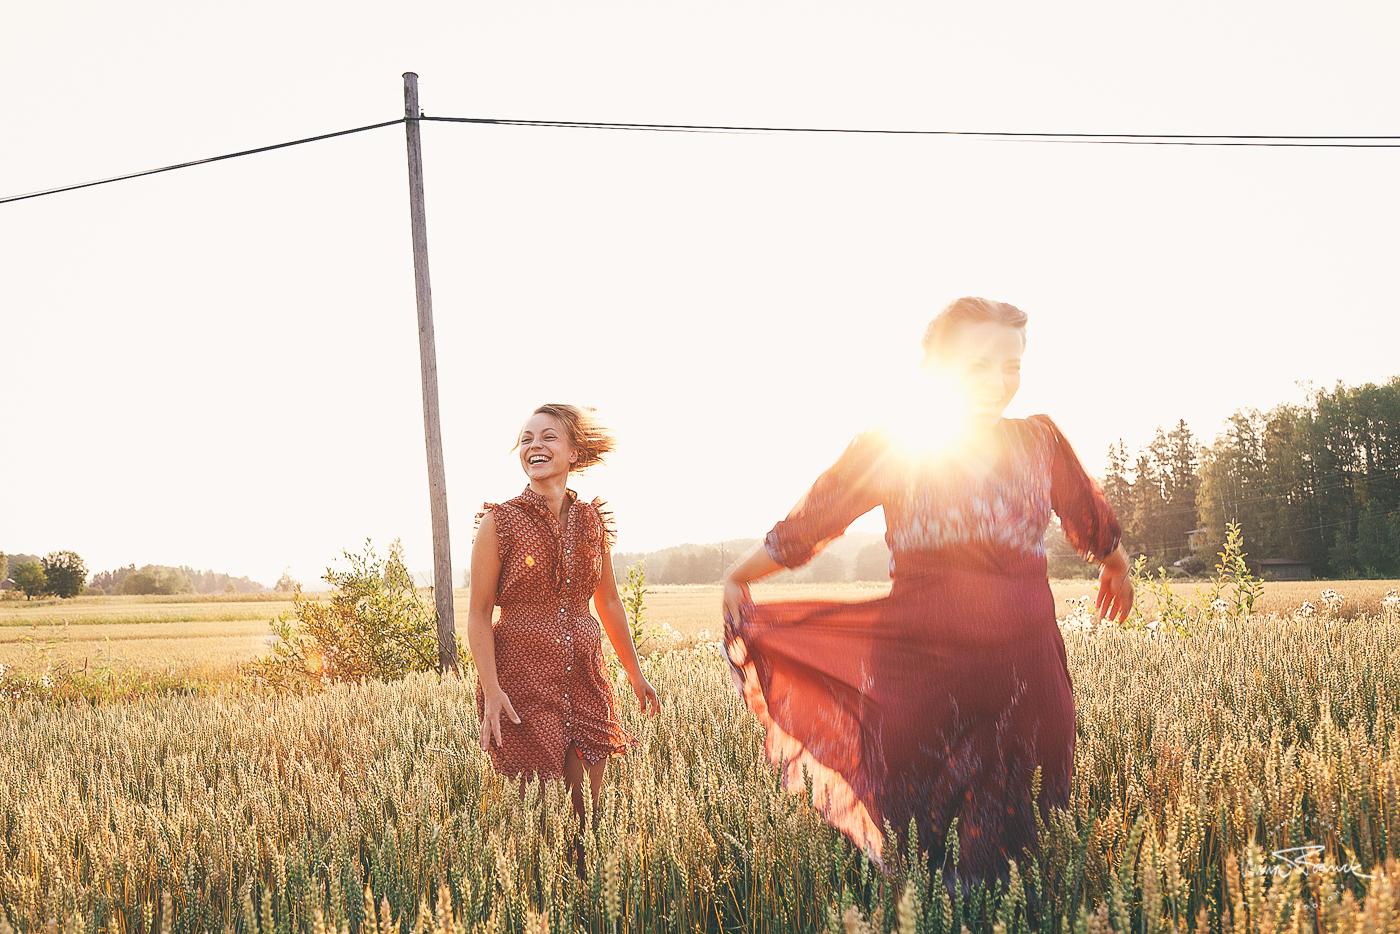 dance, dans, tanssi, art, konst, taide, sunrise, soluppgång, auringonnousu, maalla, pellolla, åker, landet, fields, of, gold, gyllene, kultainen, retro, folklore, bohemian, sisters, systrar, sisarukset